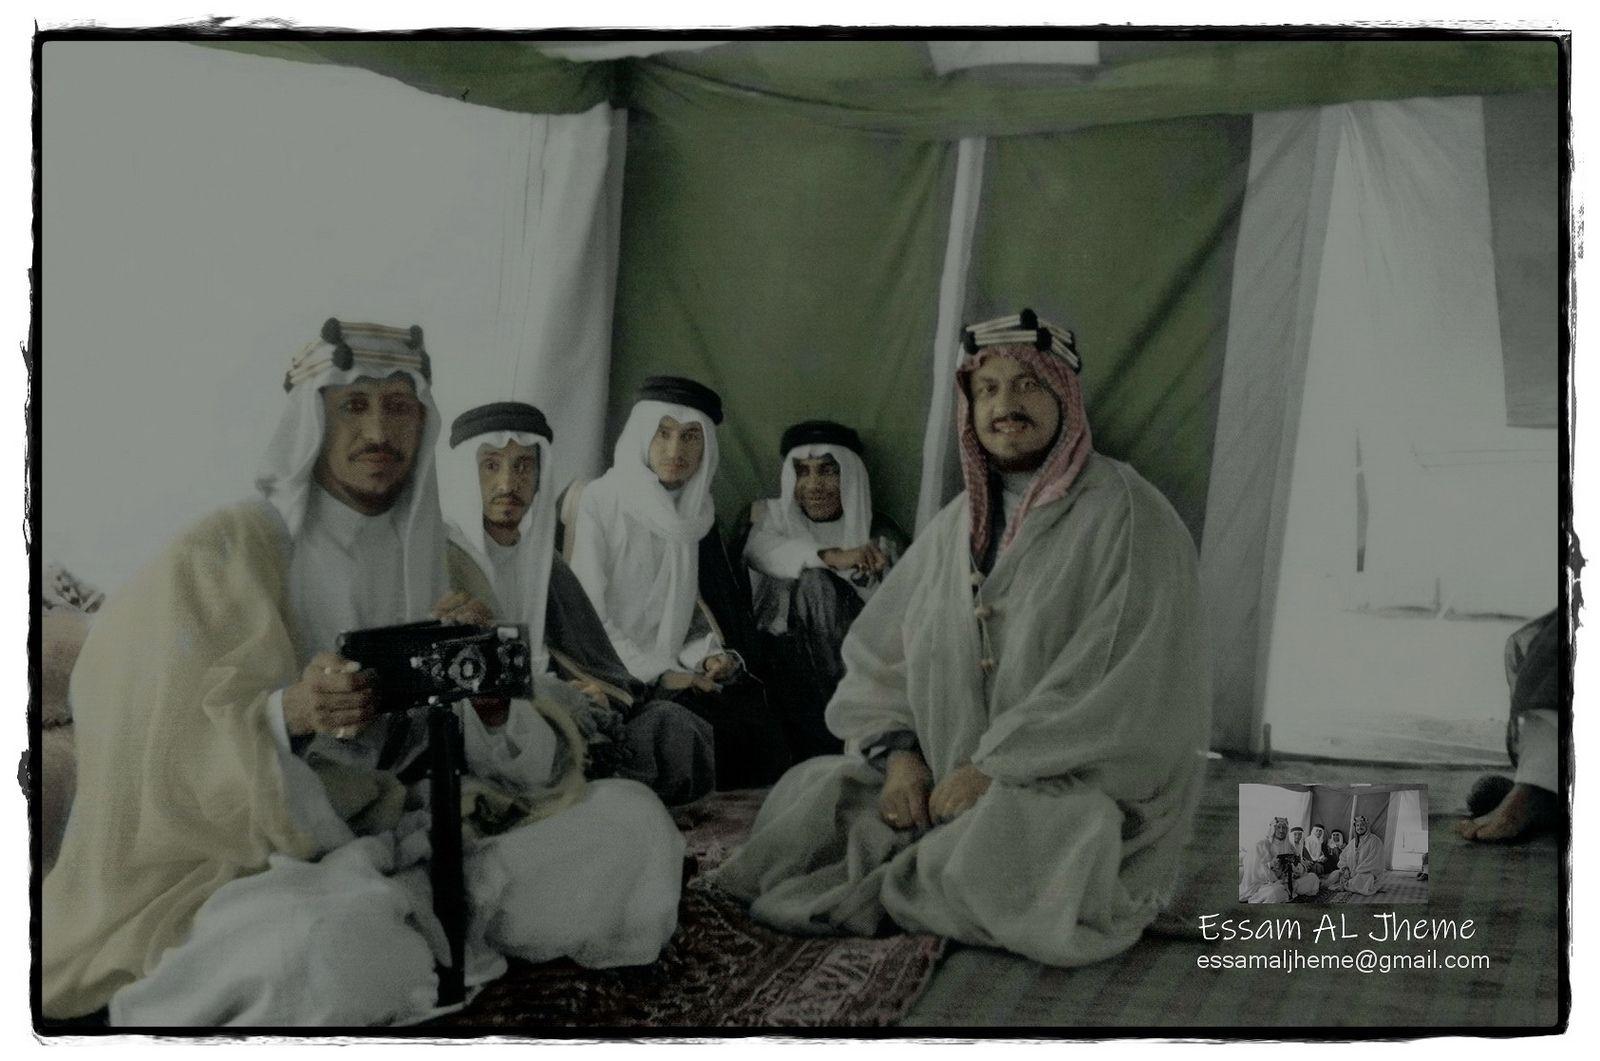 الملك سعود بن عبدالعزيز My Images Rare Pictures Black And White